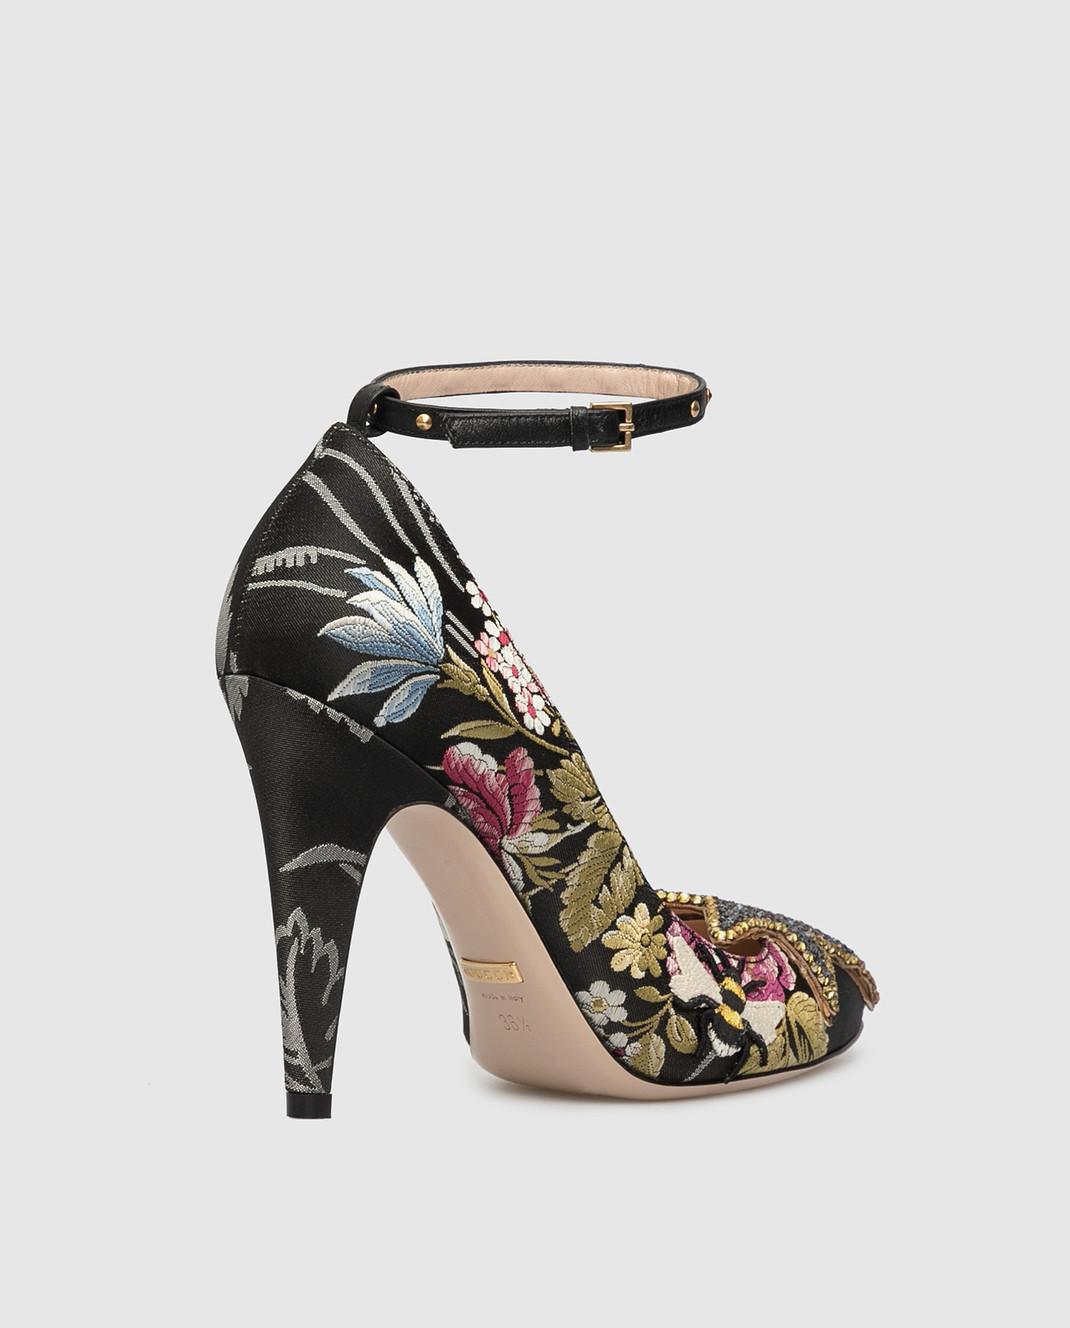 Gucci Черные туфли с кристаллами 434762 изображение 4